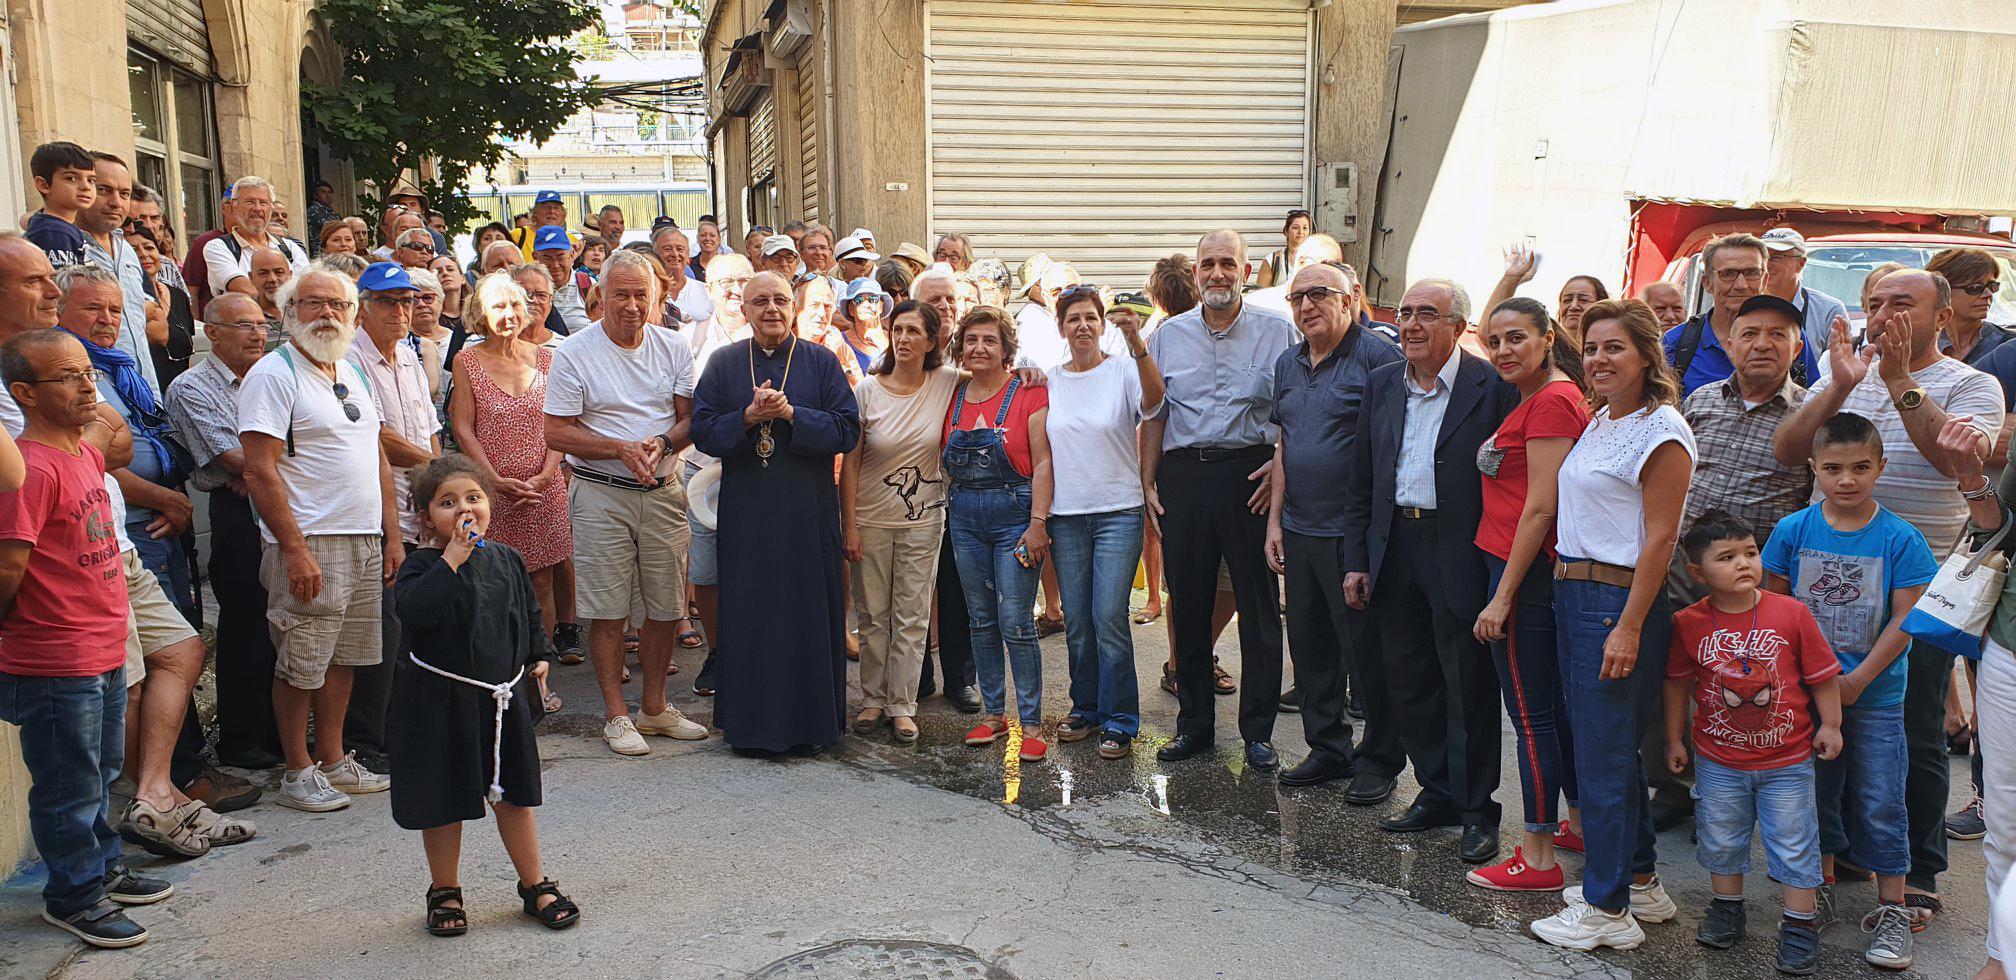 Líbano: Cristianos y musulmanes unidos en las protestas